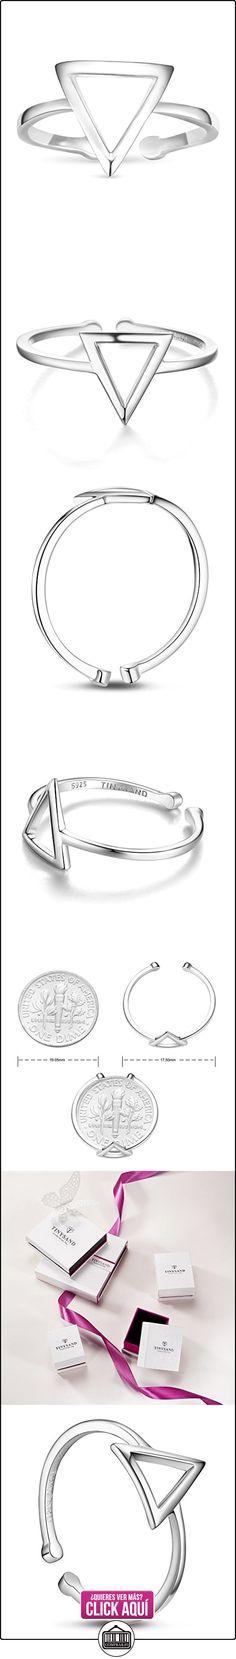 Tinysand anillos mujer con triangulo 925 plata de ley  ✿ Joyas para mujer - Las mejores ofertas ✿ ▬► Ver oferta: https://comprar.io/goto/B01912B1BE